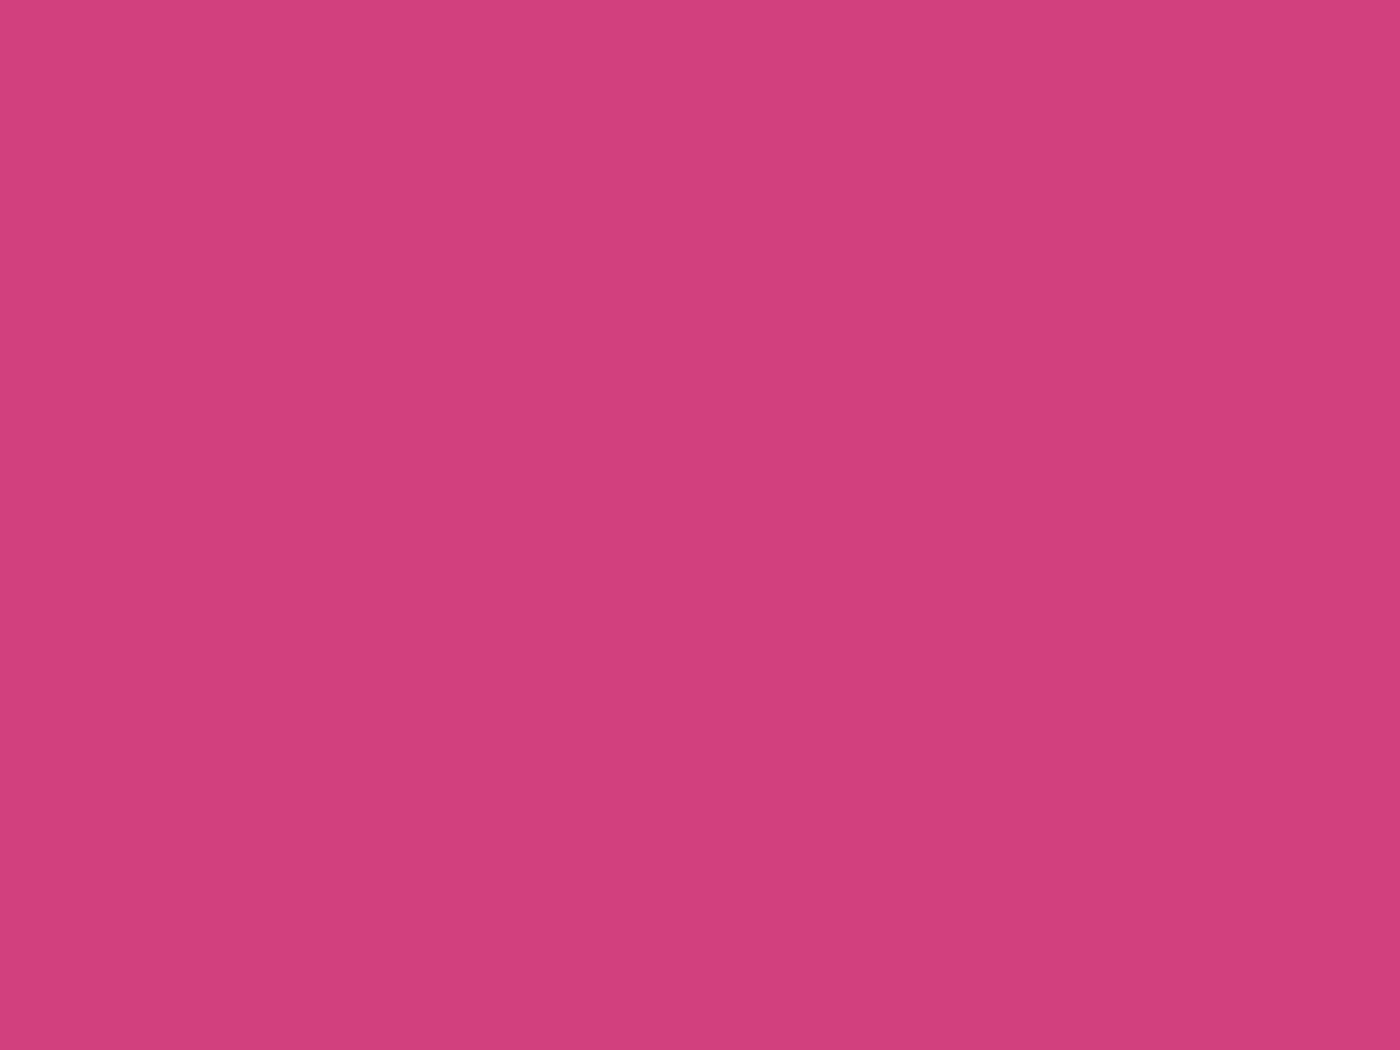 1400x1050 Magenta Pantone Solid Color Background